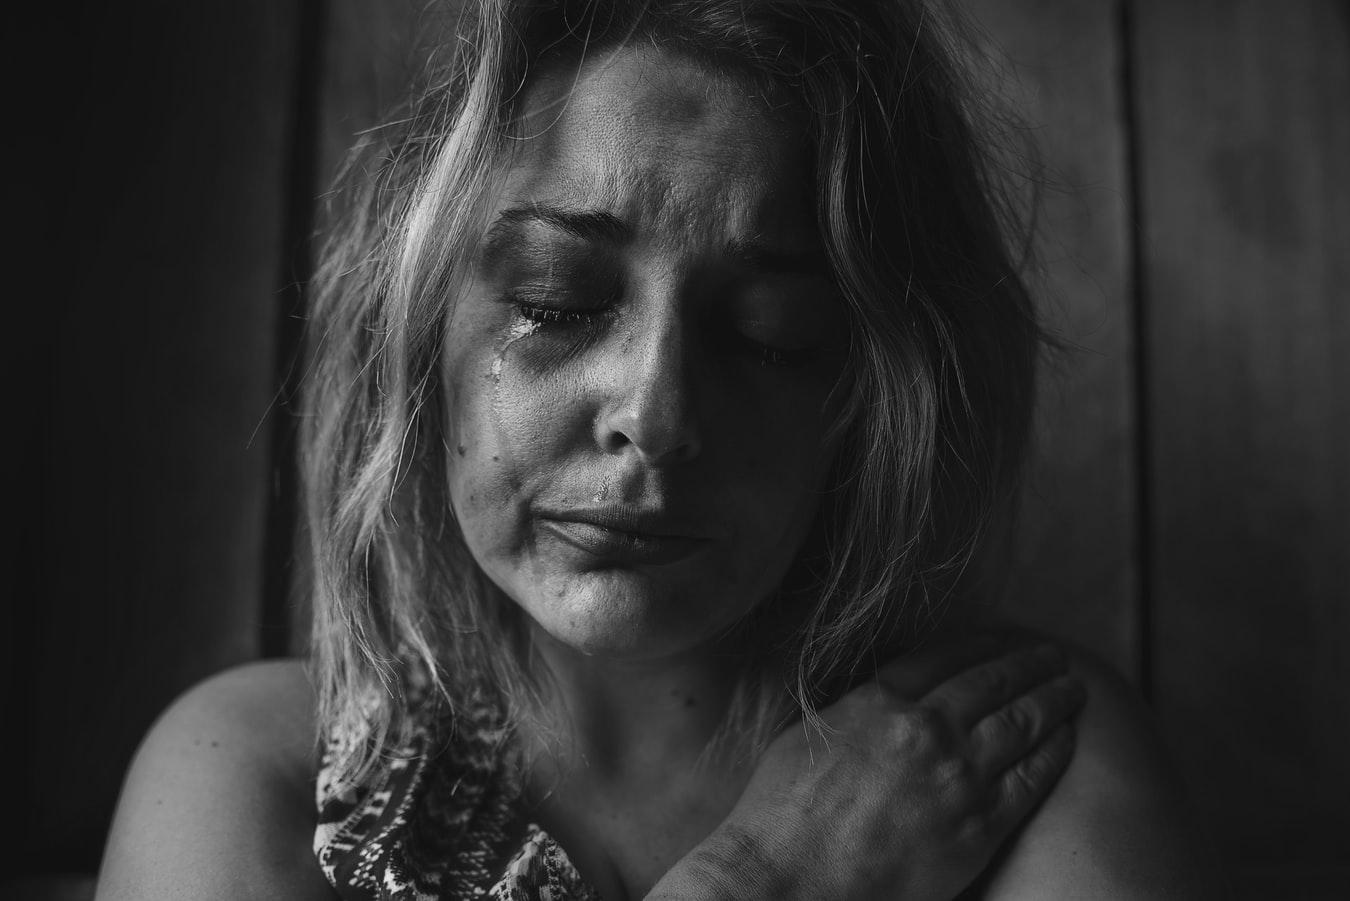 โรคซึมเศร้ามีอาการอย่างไร